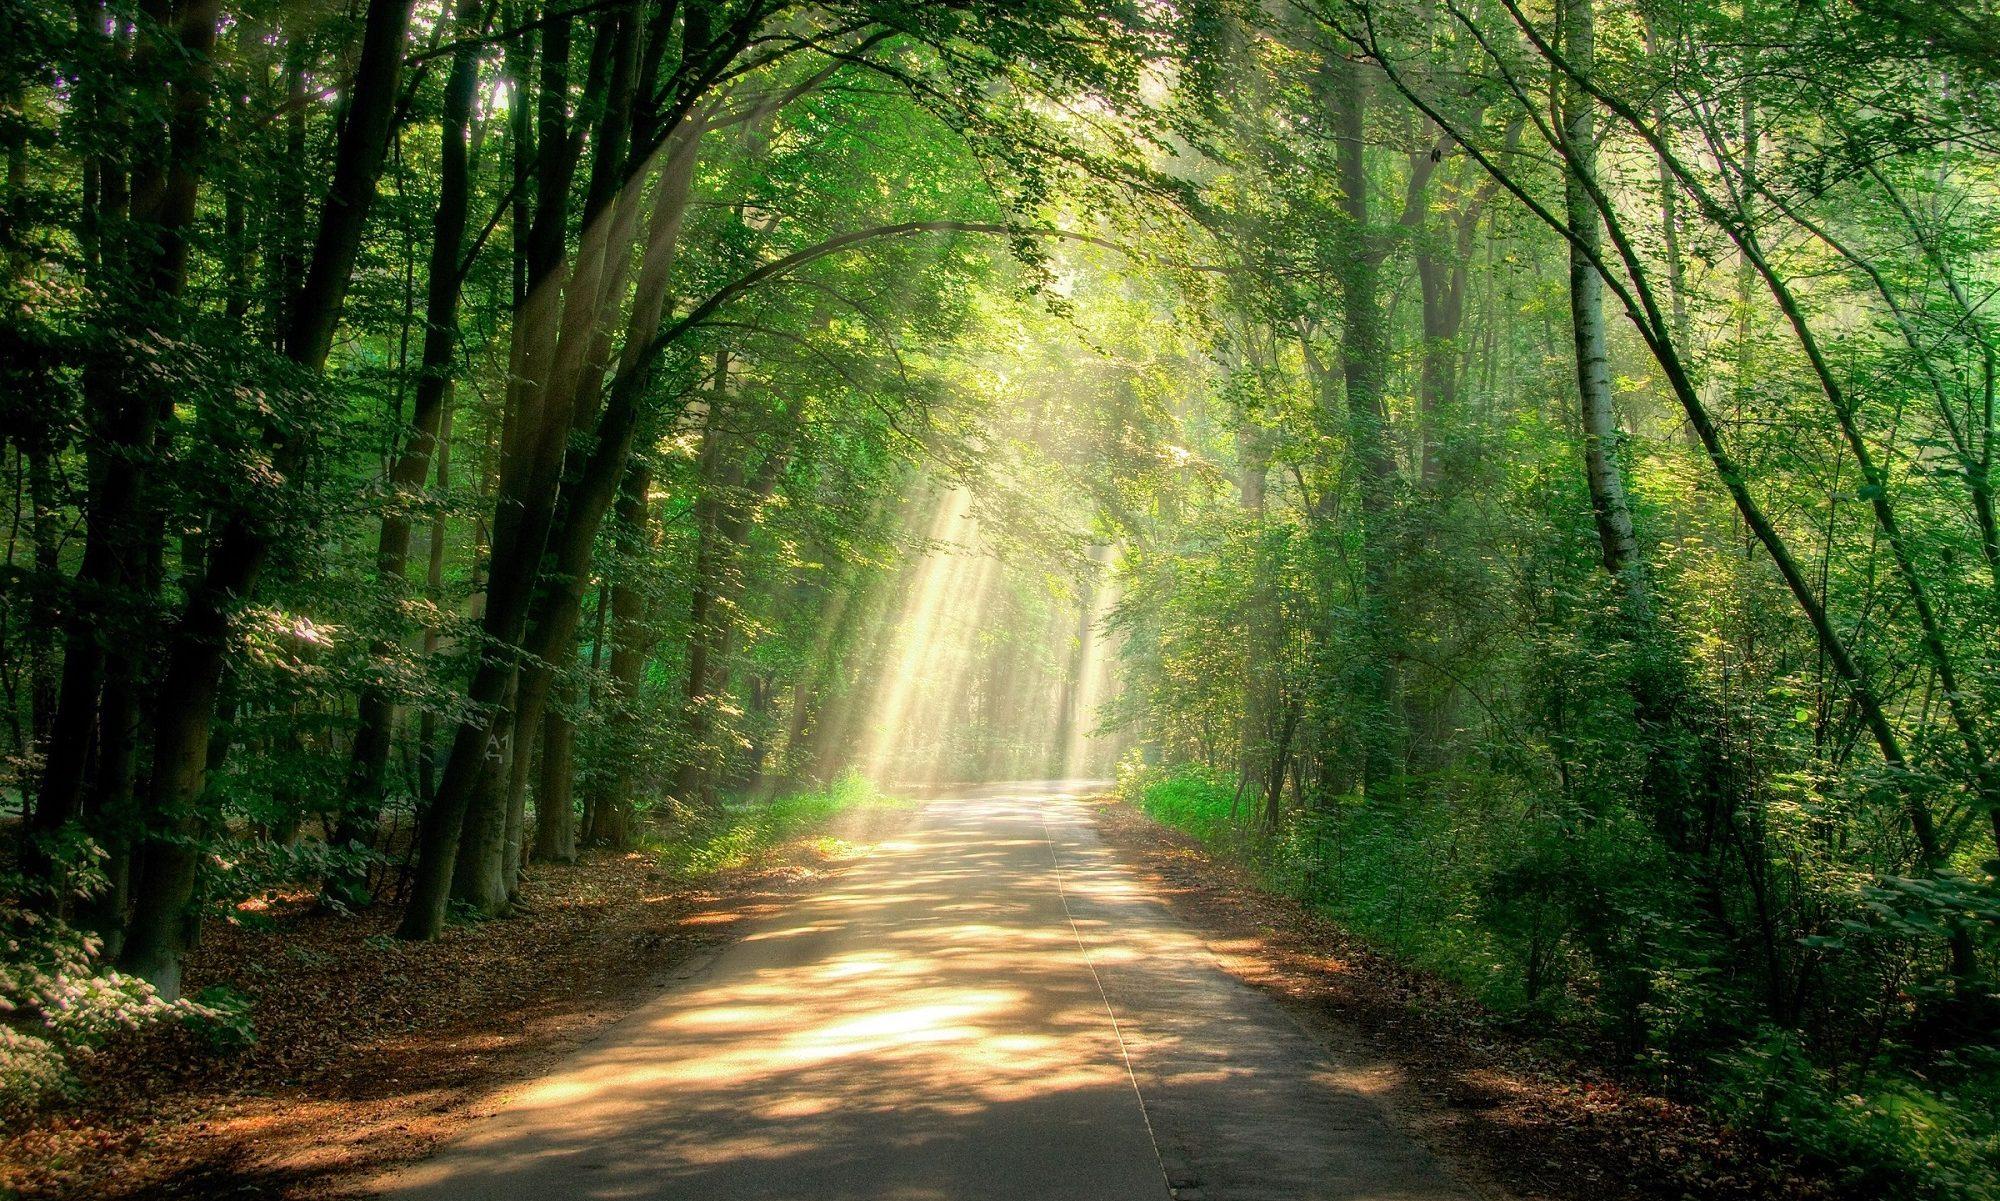 ウェルビーイングへの道 ~ The Path to Wellbeing ~